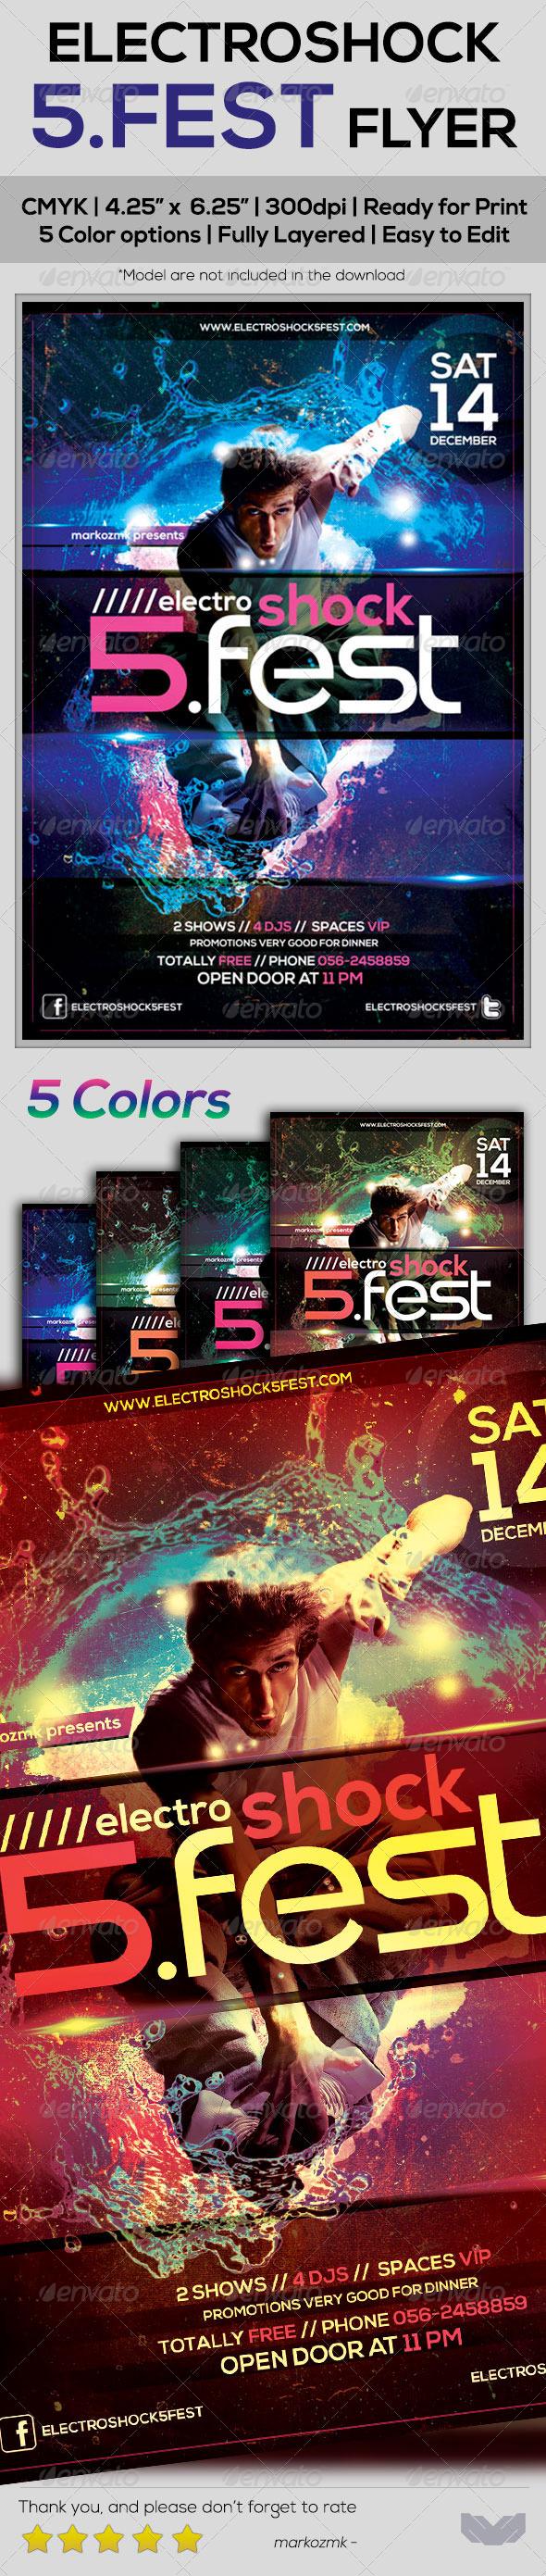 GraphicRiver Electroshock 5Fest Flyer Template 5487669